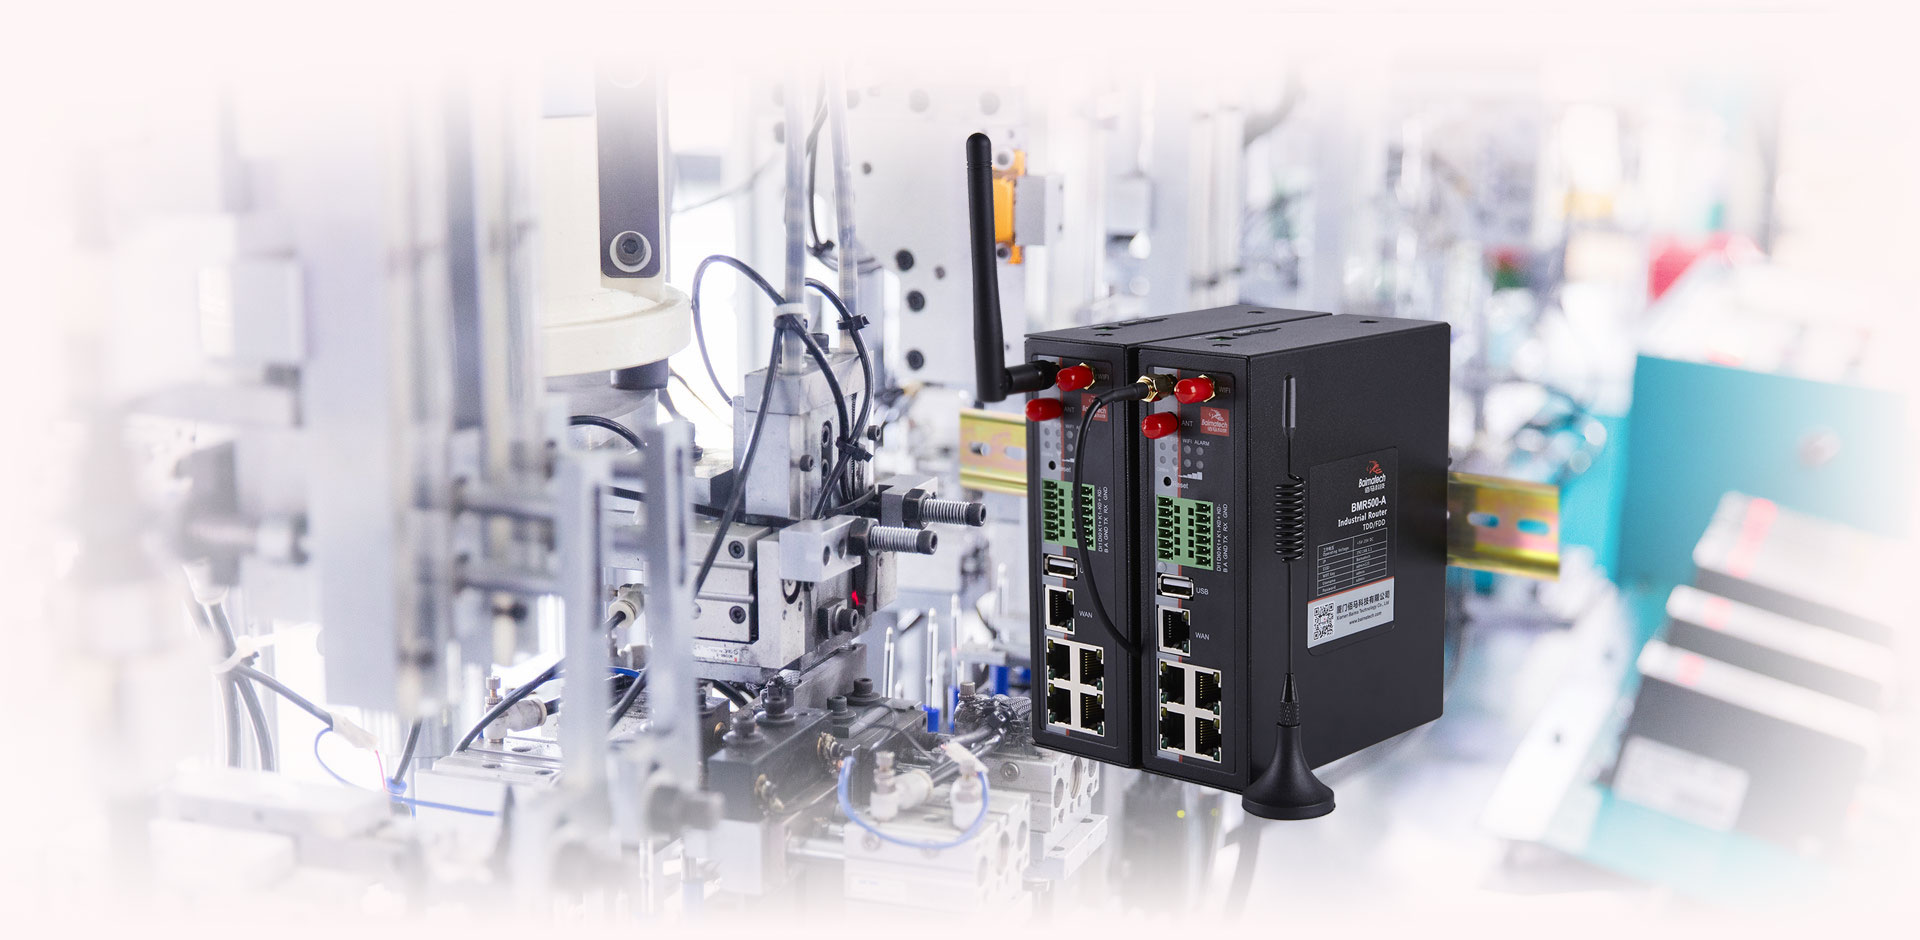 BMR500 Cellular VPN Industrial Router DIN rail